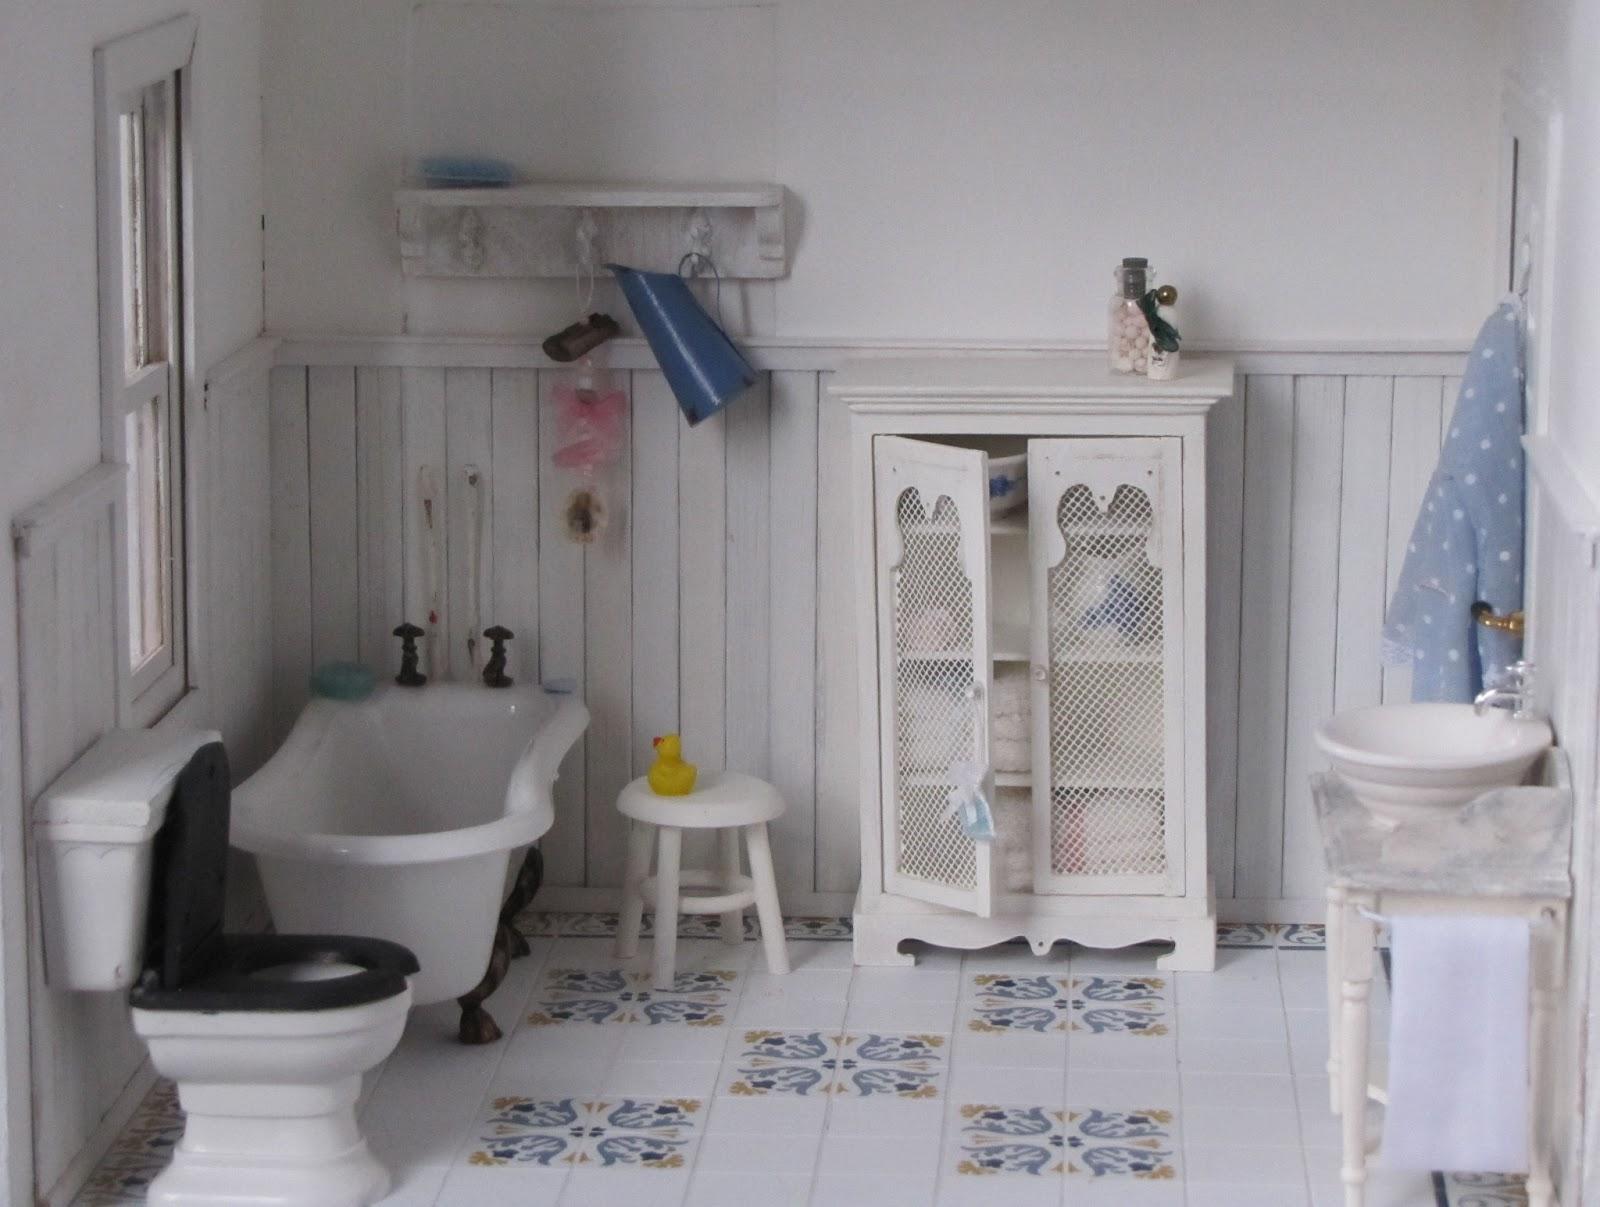 Poppenhuisklad ger badkamer